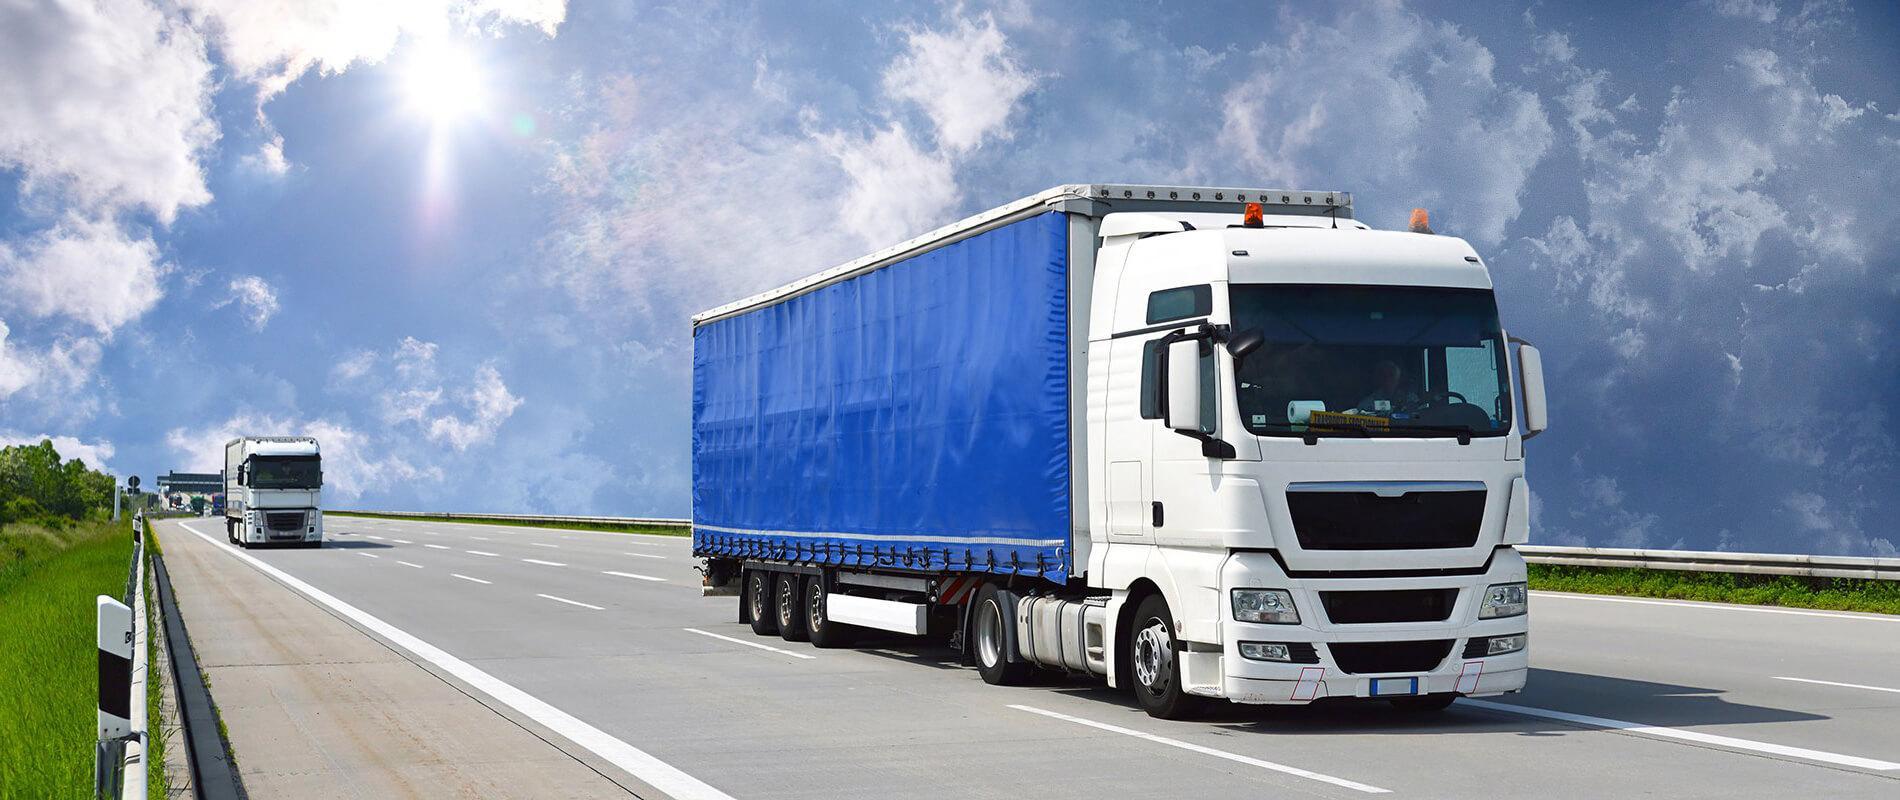 Попутные грузоперевозки: обоюдная выгода для заказчиков и перевозчиков